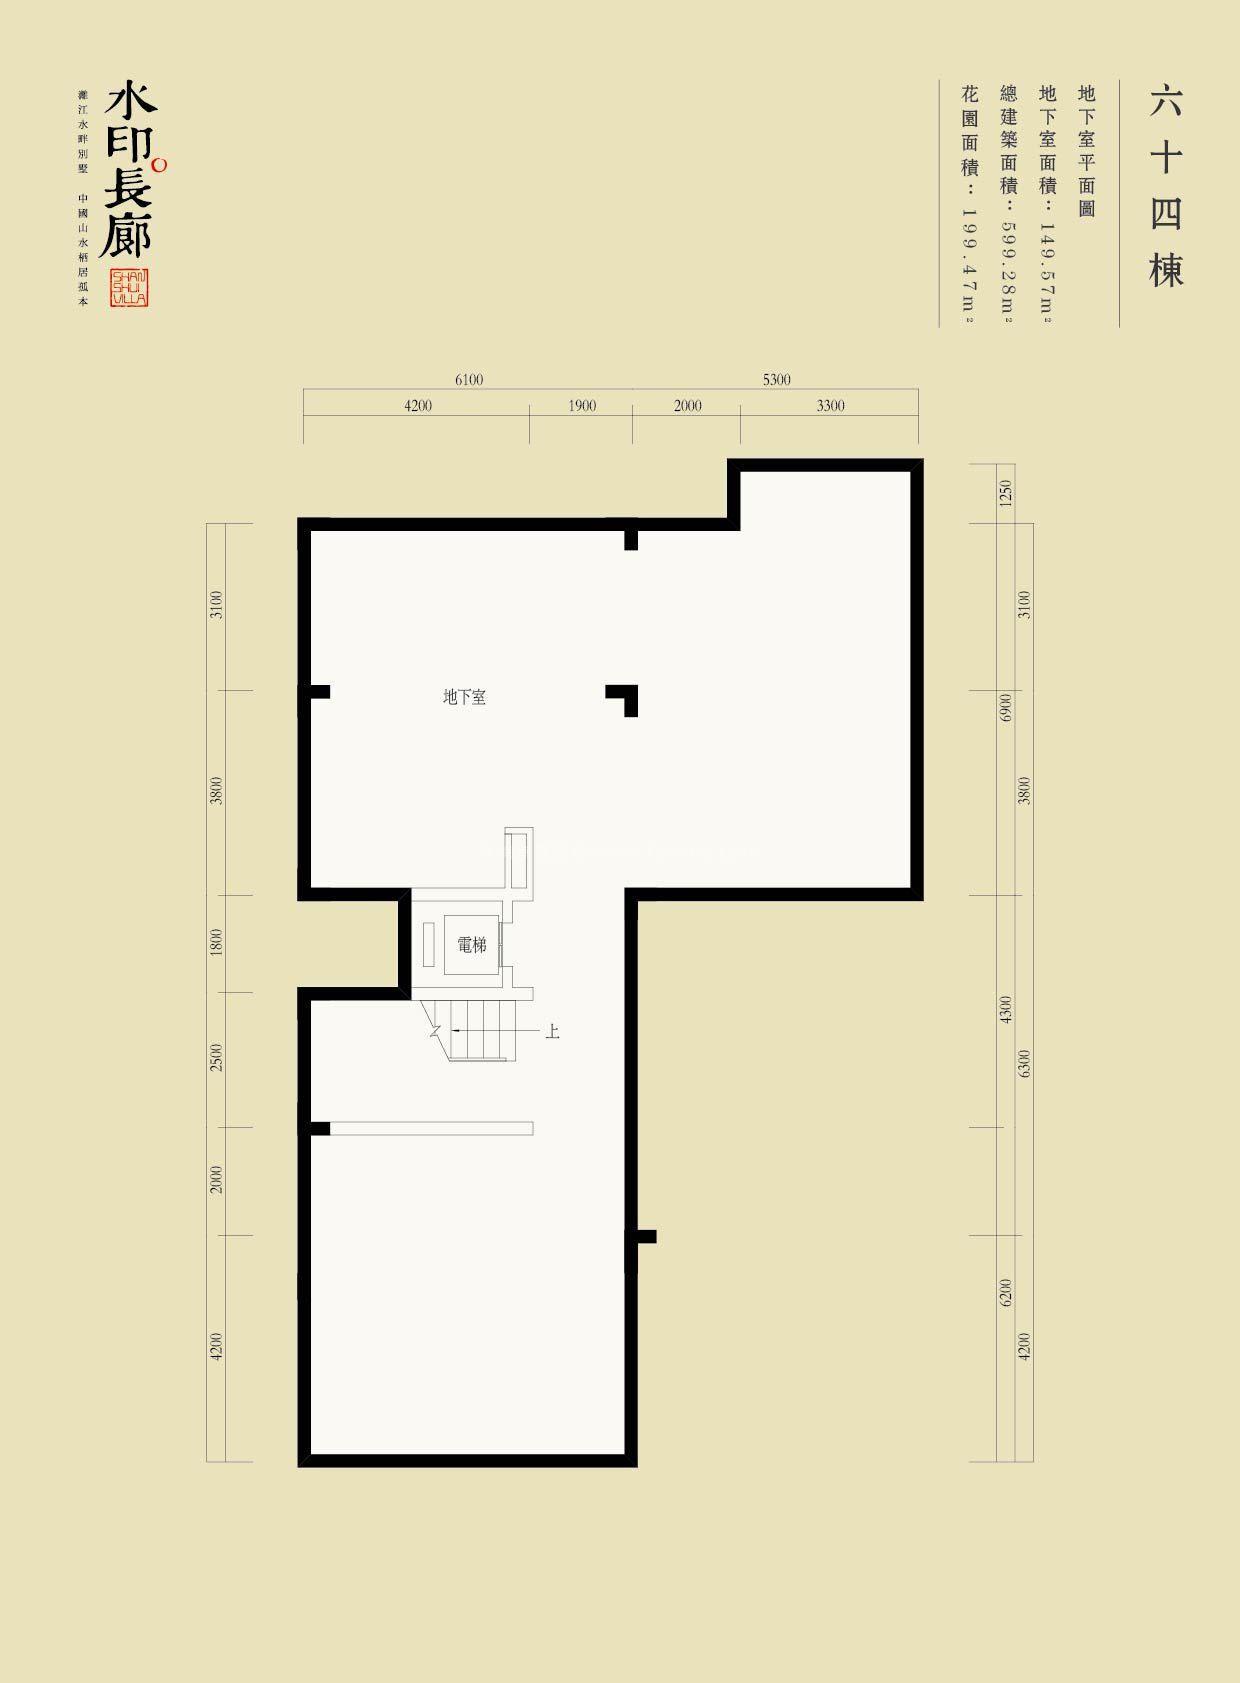 F1-64栋别墅户型 地下室